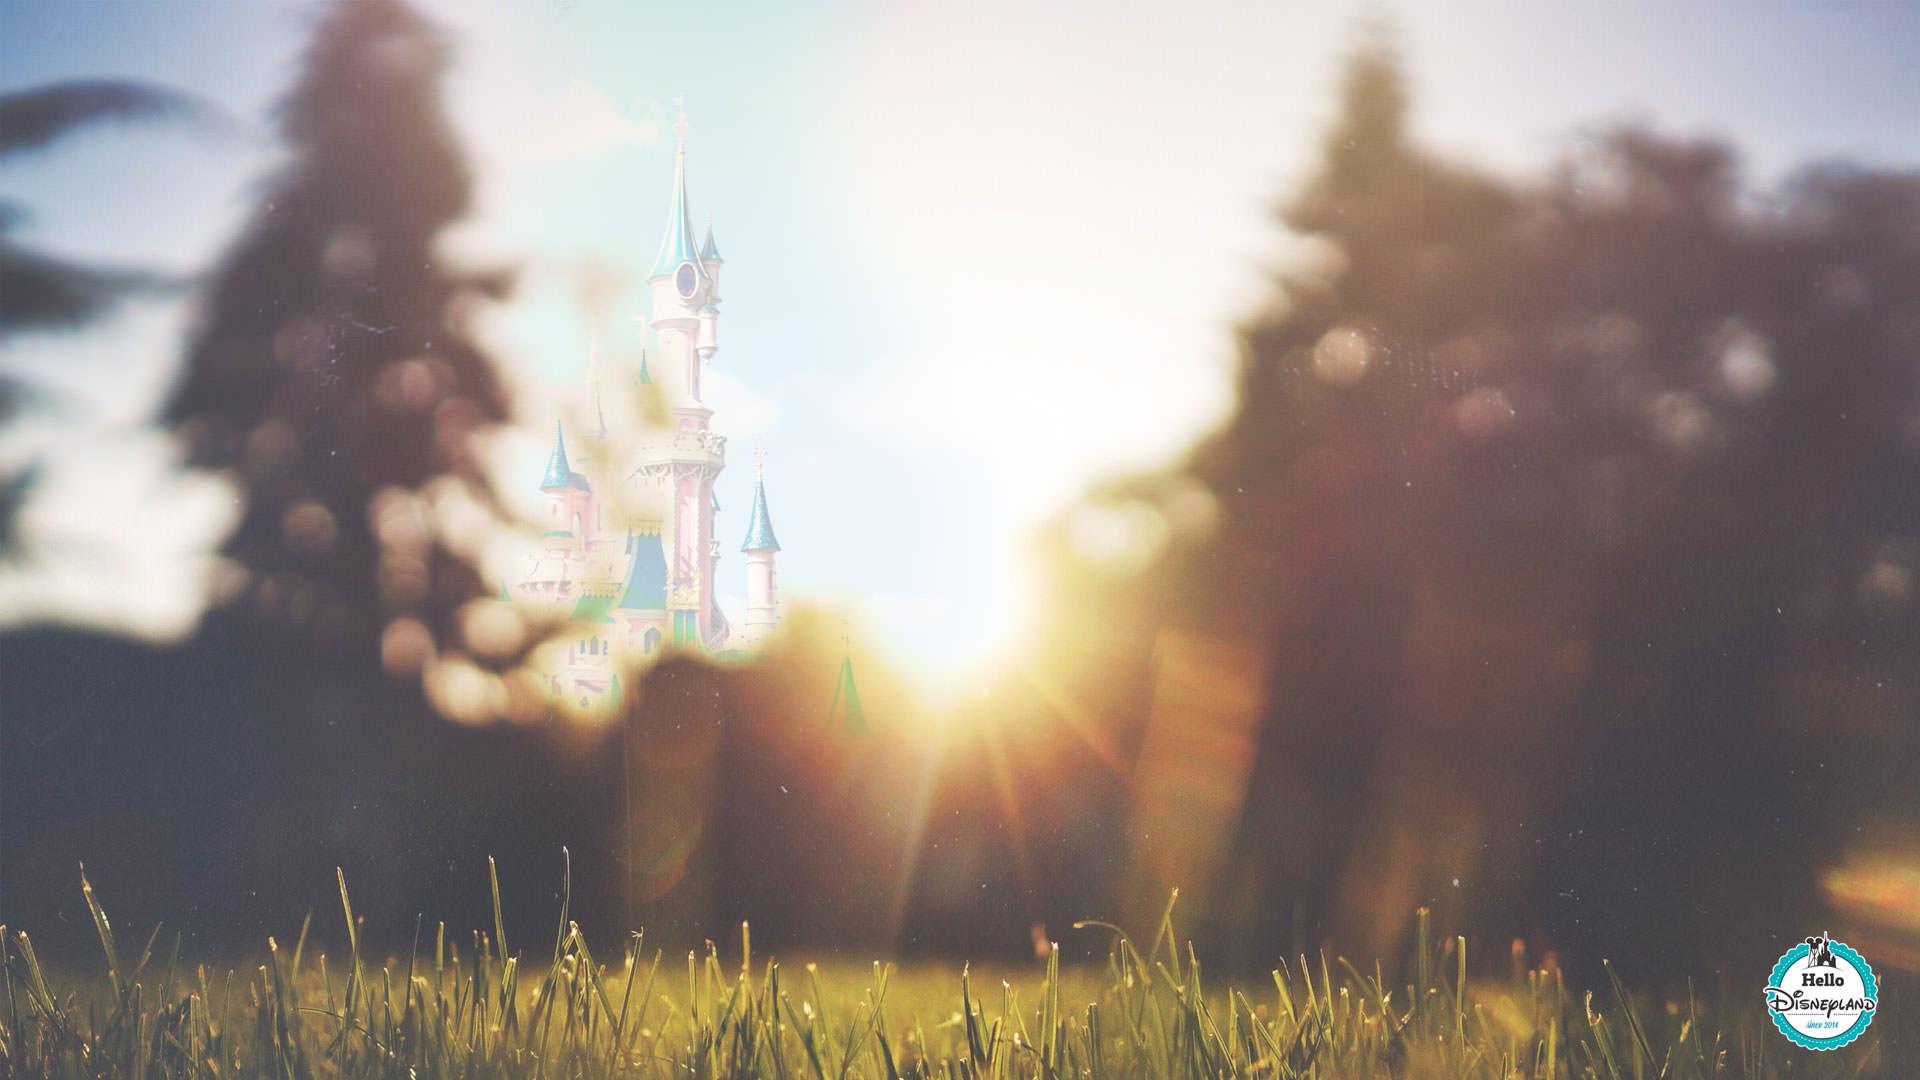 Early morning Disneyland paris